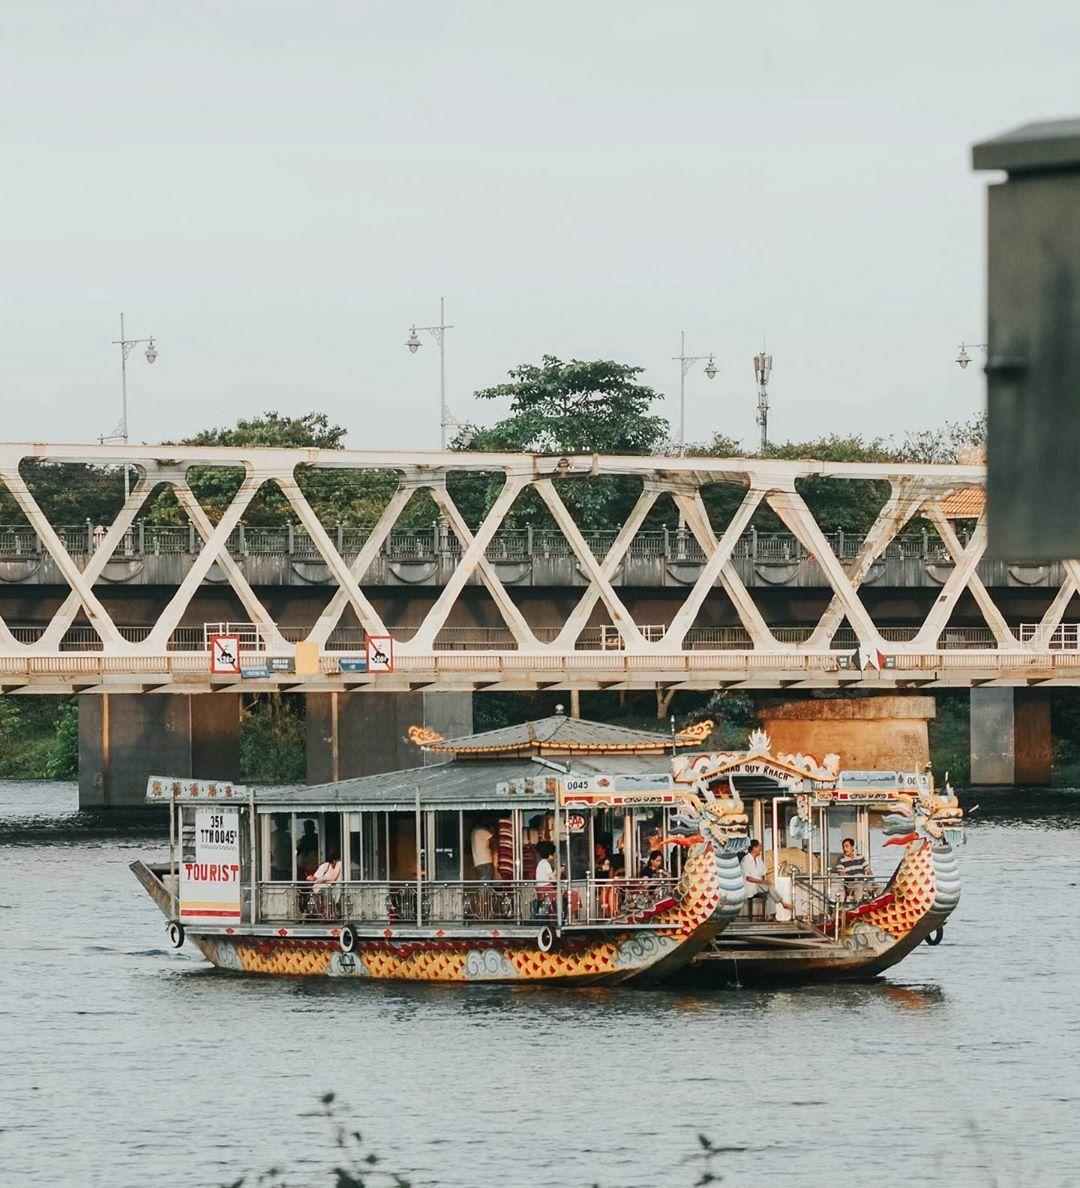 Nhiều du khách thích ngồi thuyền rồng nghe ca Huế trên sông Hương. Phía sau là cầu đường sắt Bạch hổ và cầu Dã Viên.